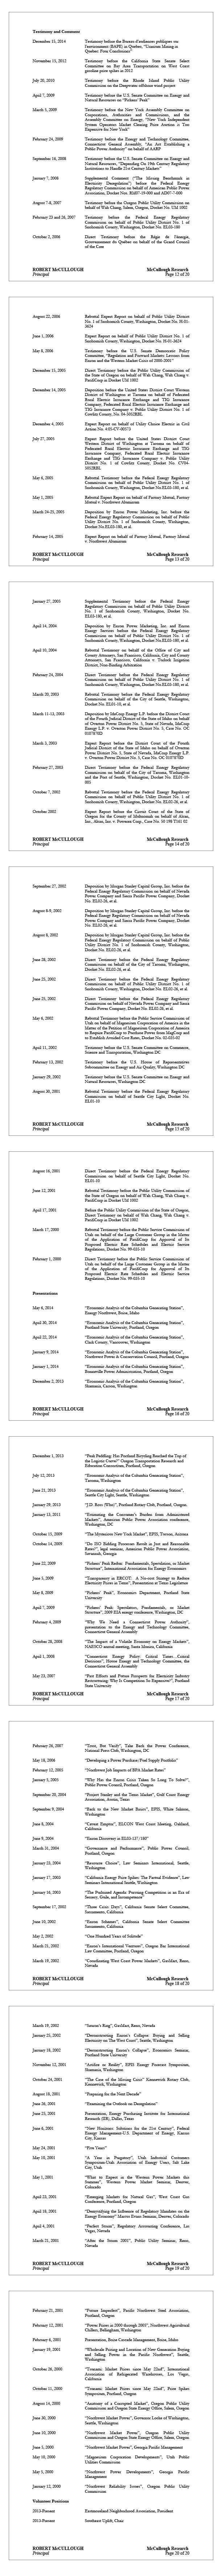 Site-C-Economic-Evaluation-16-RM-D.jpg